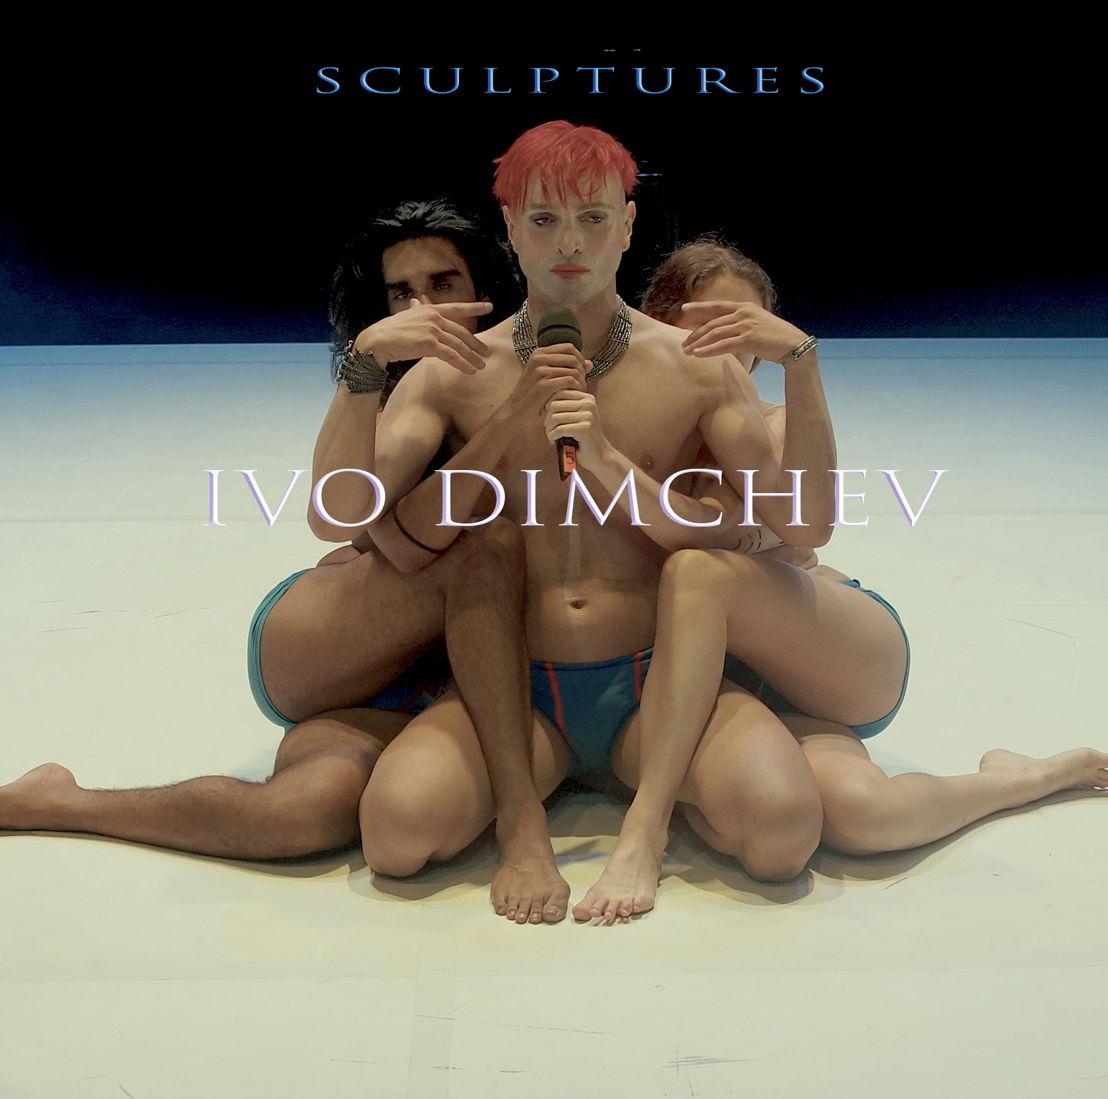 Ivo Dimchev - SCULPTURES - 7/11 © Ivo Dimchev